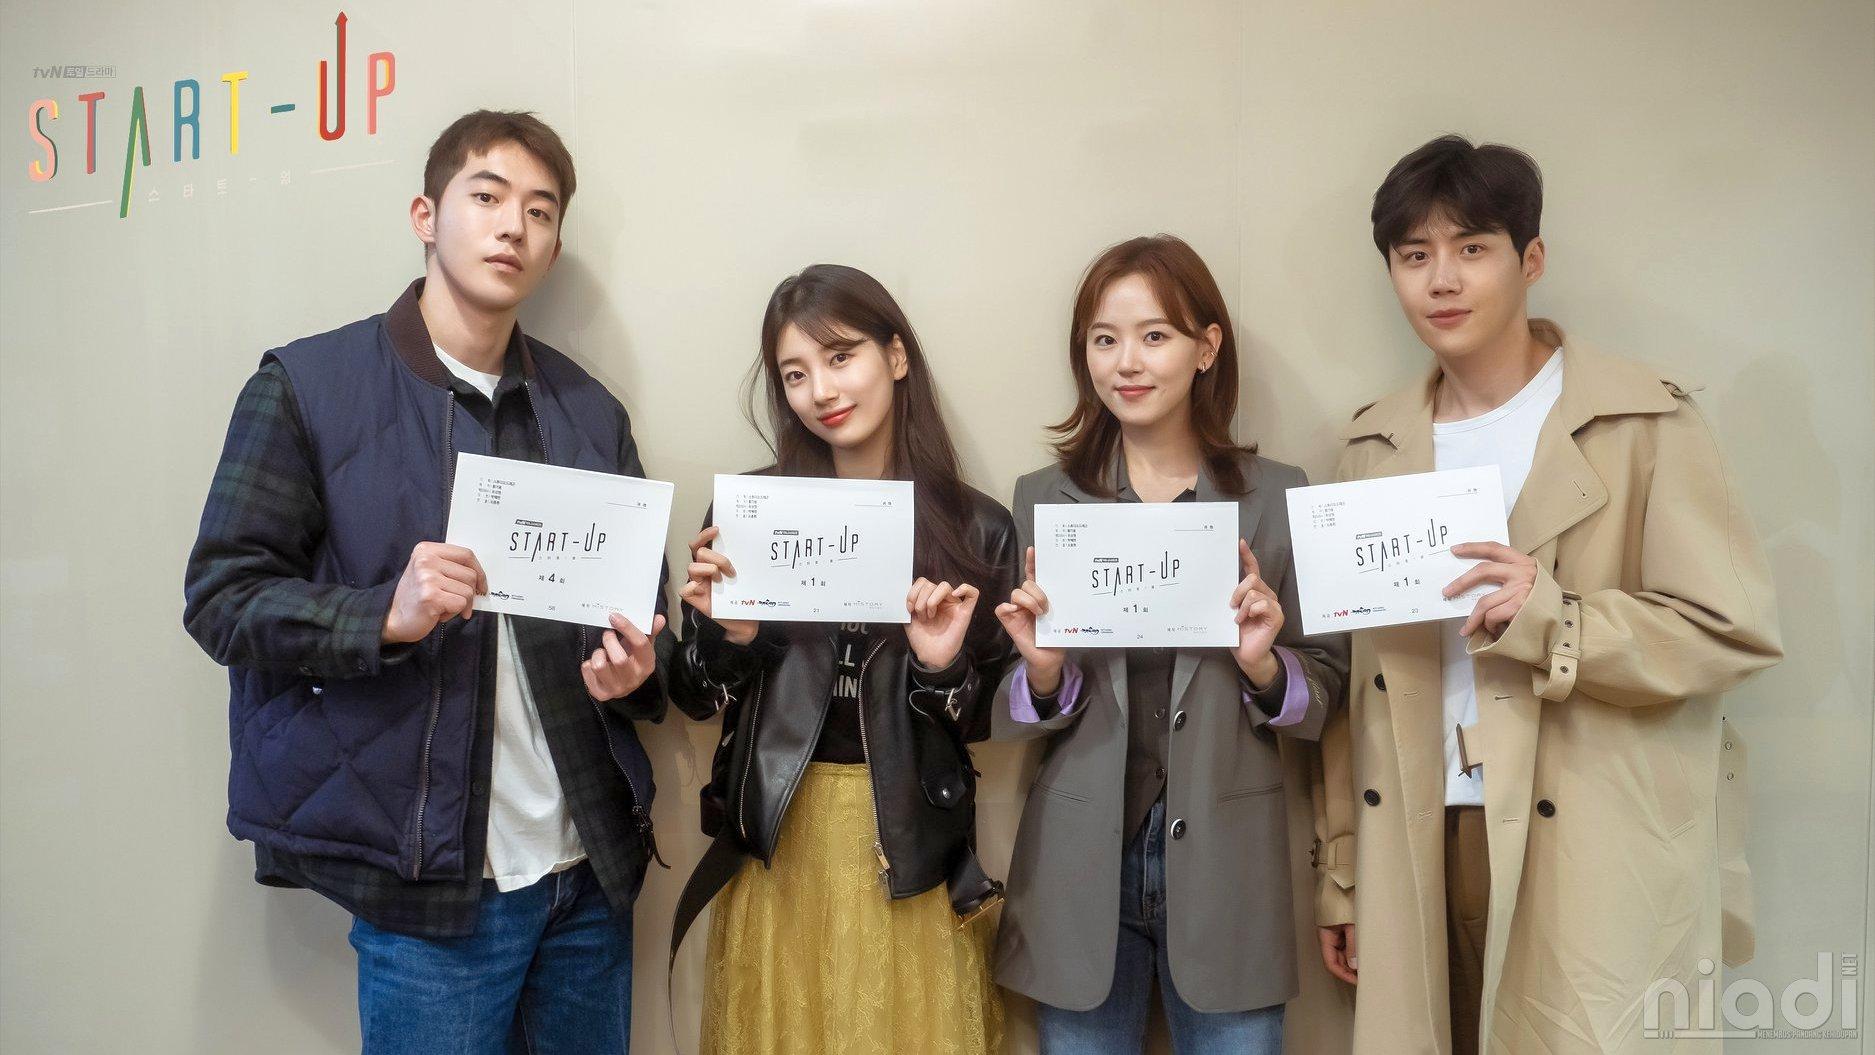 download drama korea terbaru terpopuler Start-Up sub indo gratis terlengkap